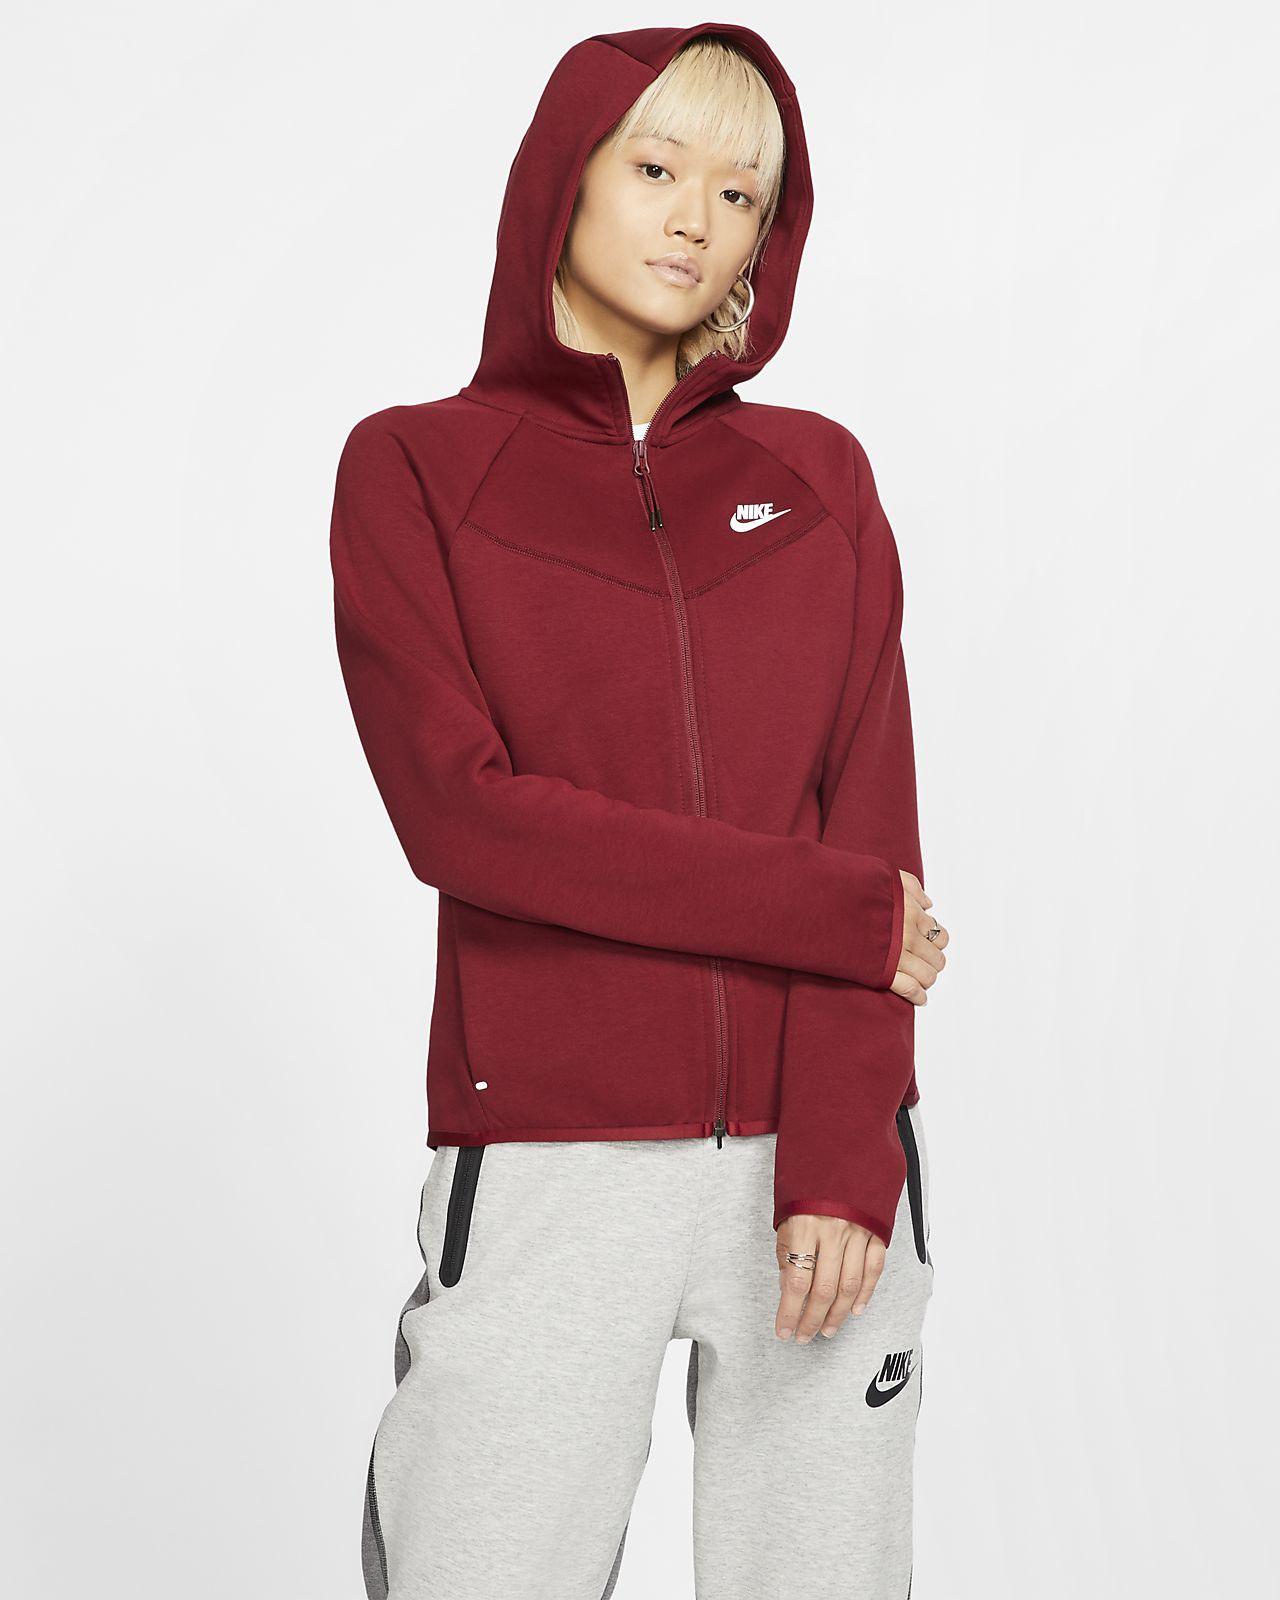 Γυναικεία μπλούζα με κουκούλα και φερμουάρ Nike Sportswear Windrunner Tech Fleece